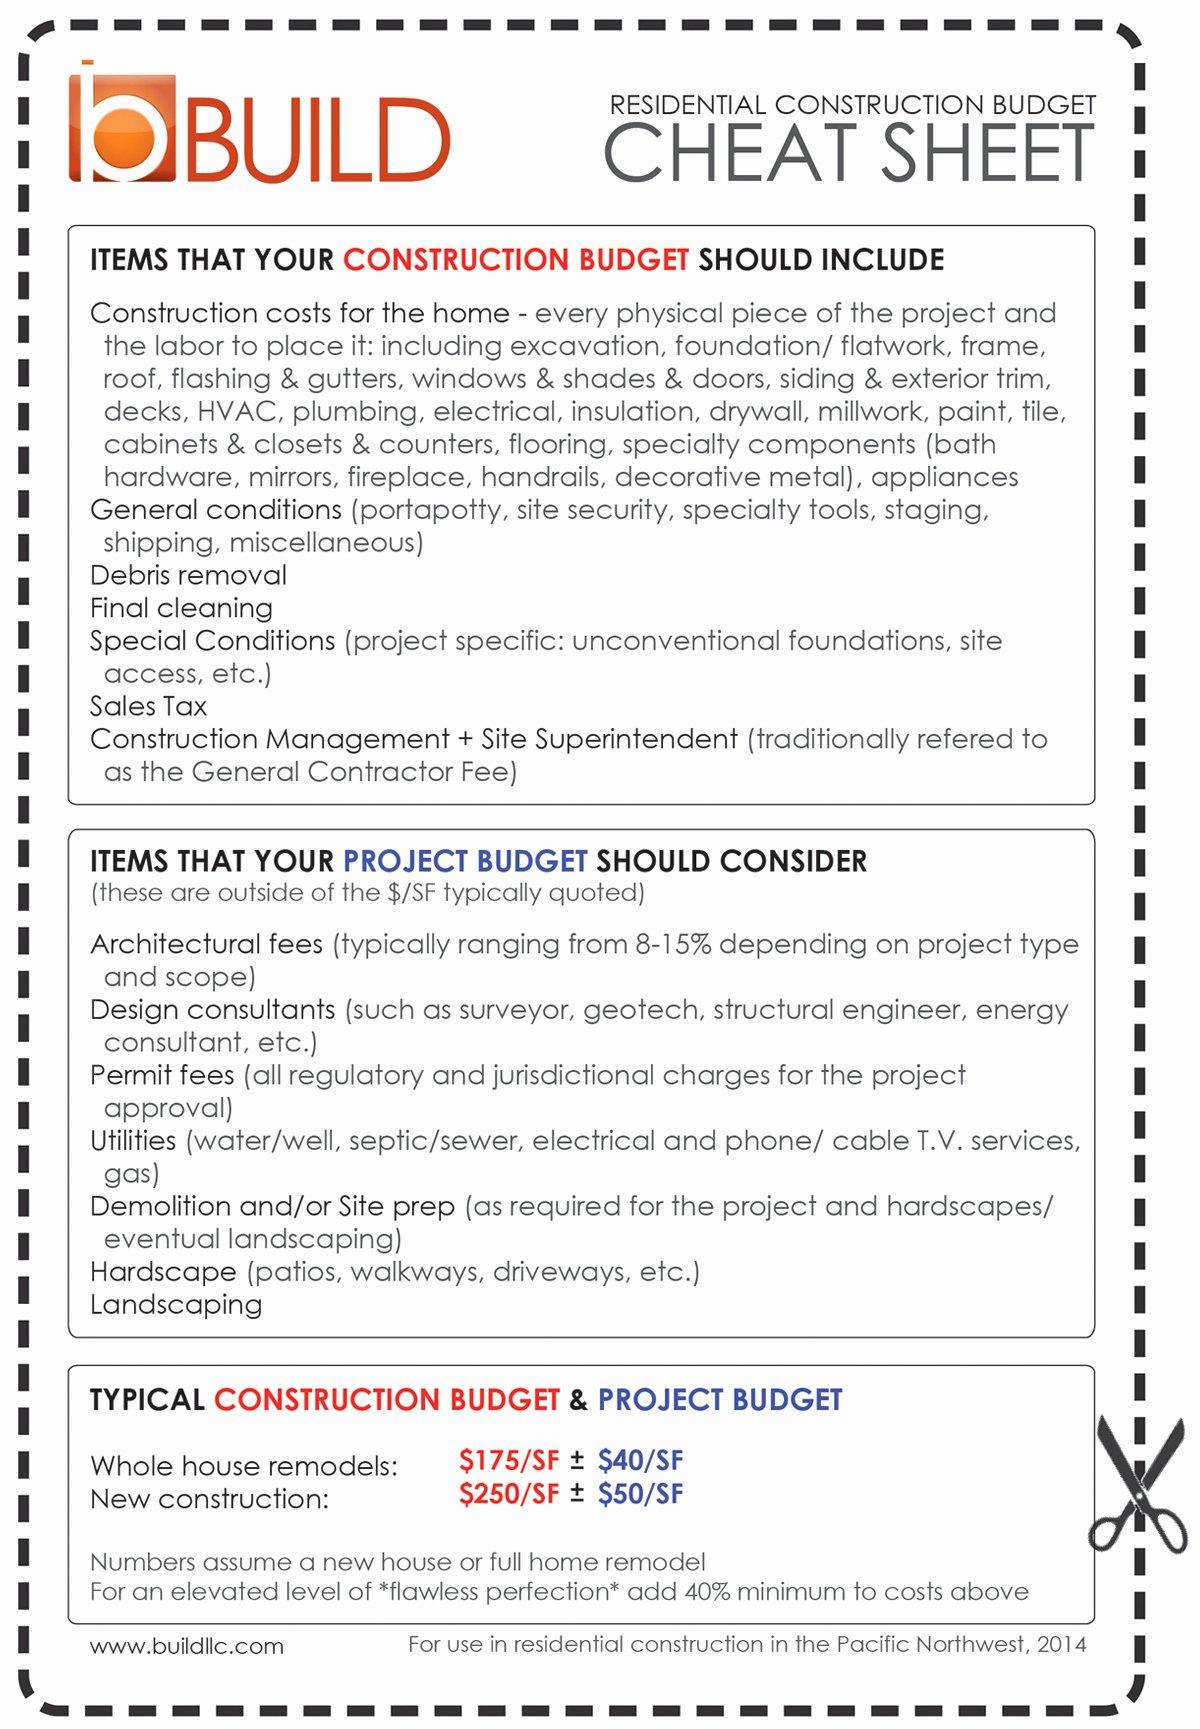 Construction Spec Sheet Template New Residential Construction Specification Sheet